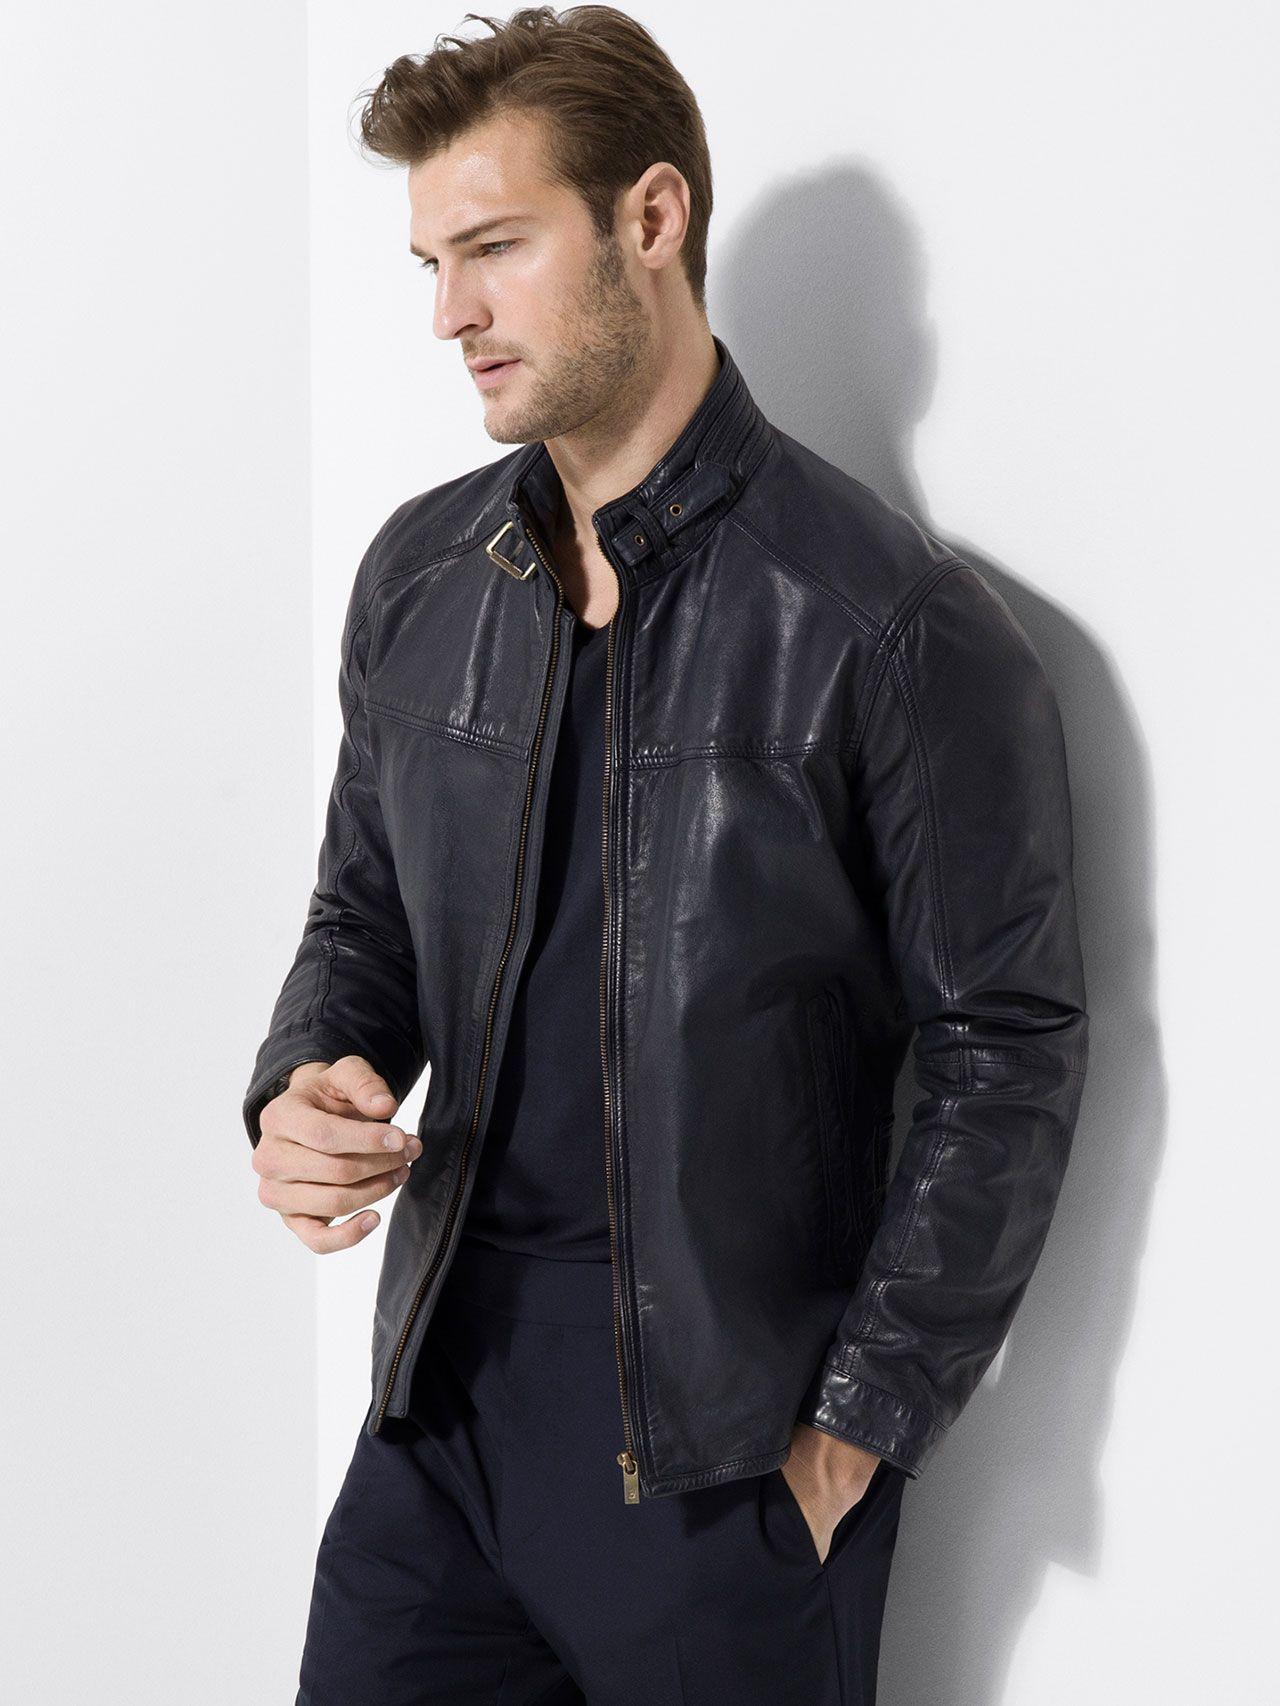 BLUE NAPPA LEATHER JACKET Leather jacket men, Leather